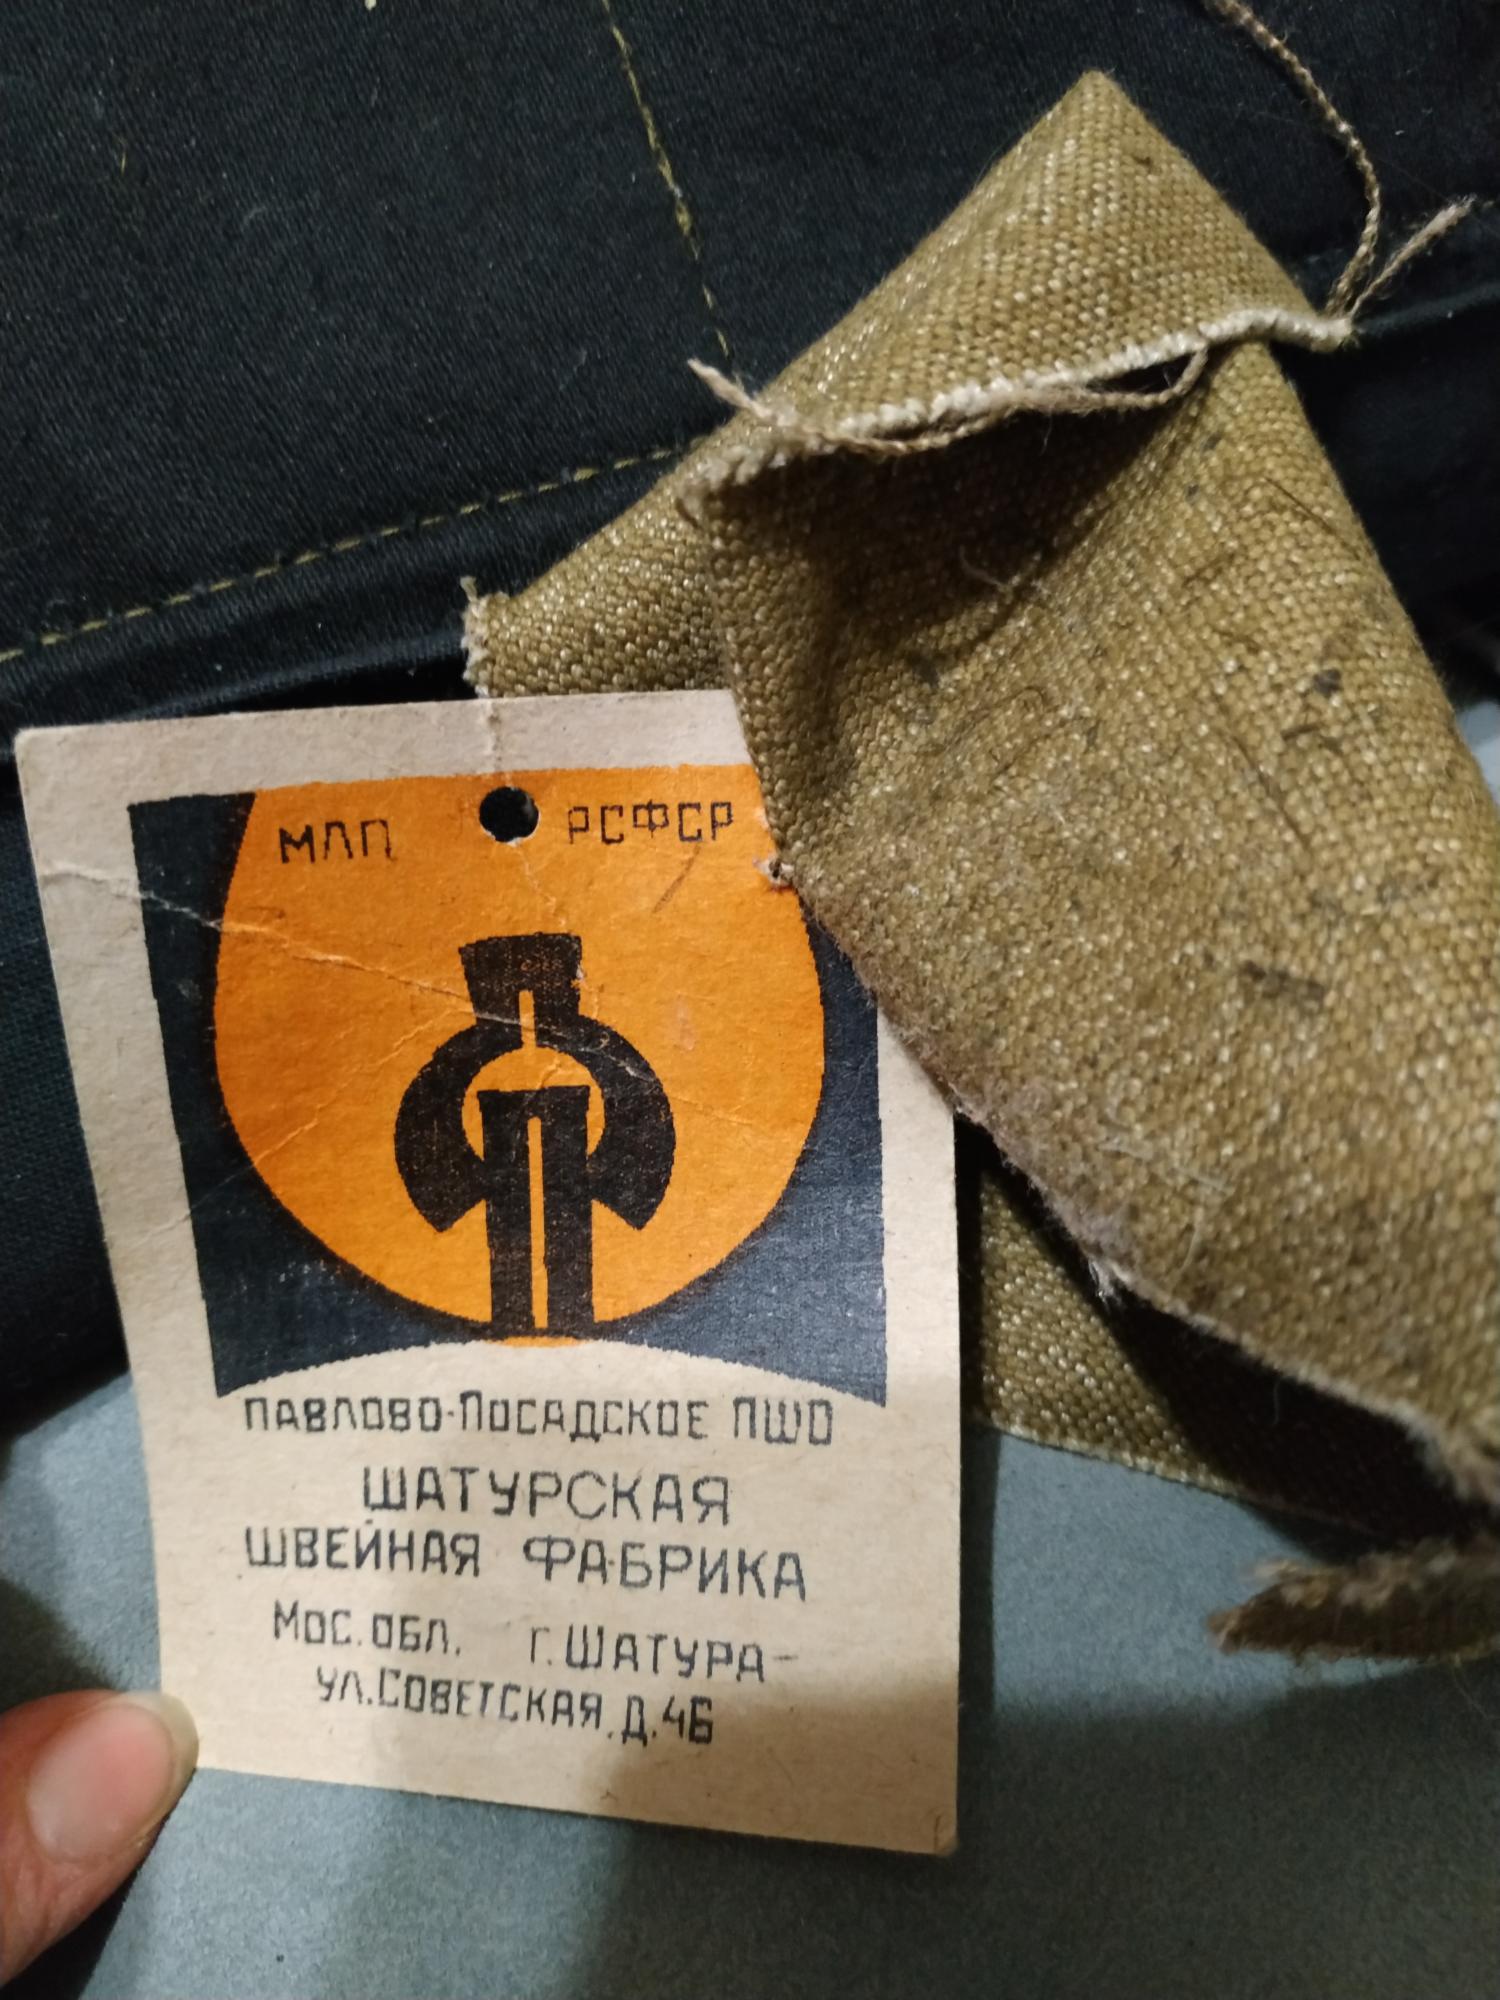 Спецодежда костюм сварщика замшевый в Москве 89588154391 купить 5